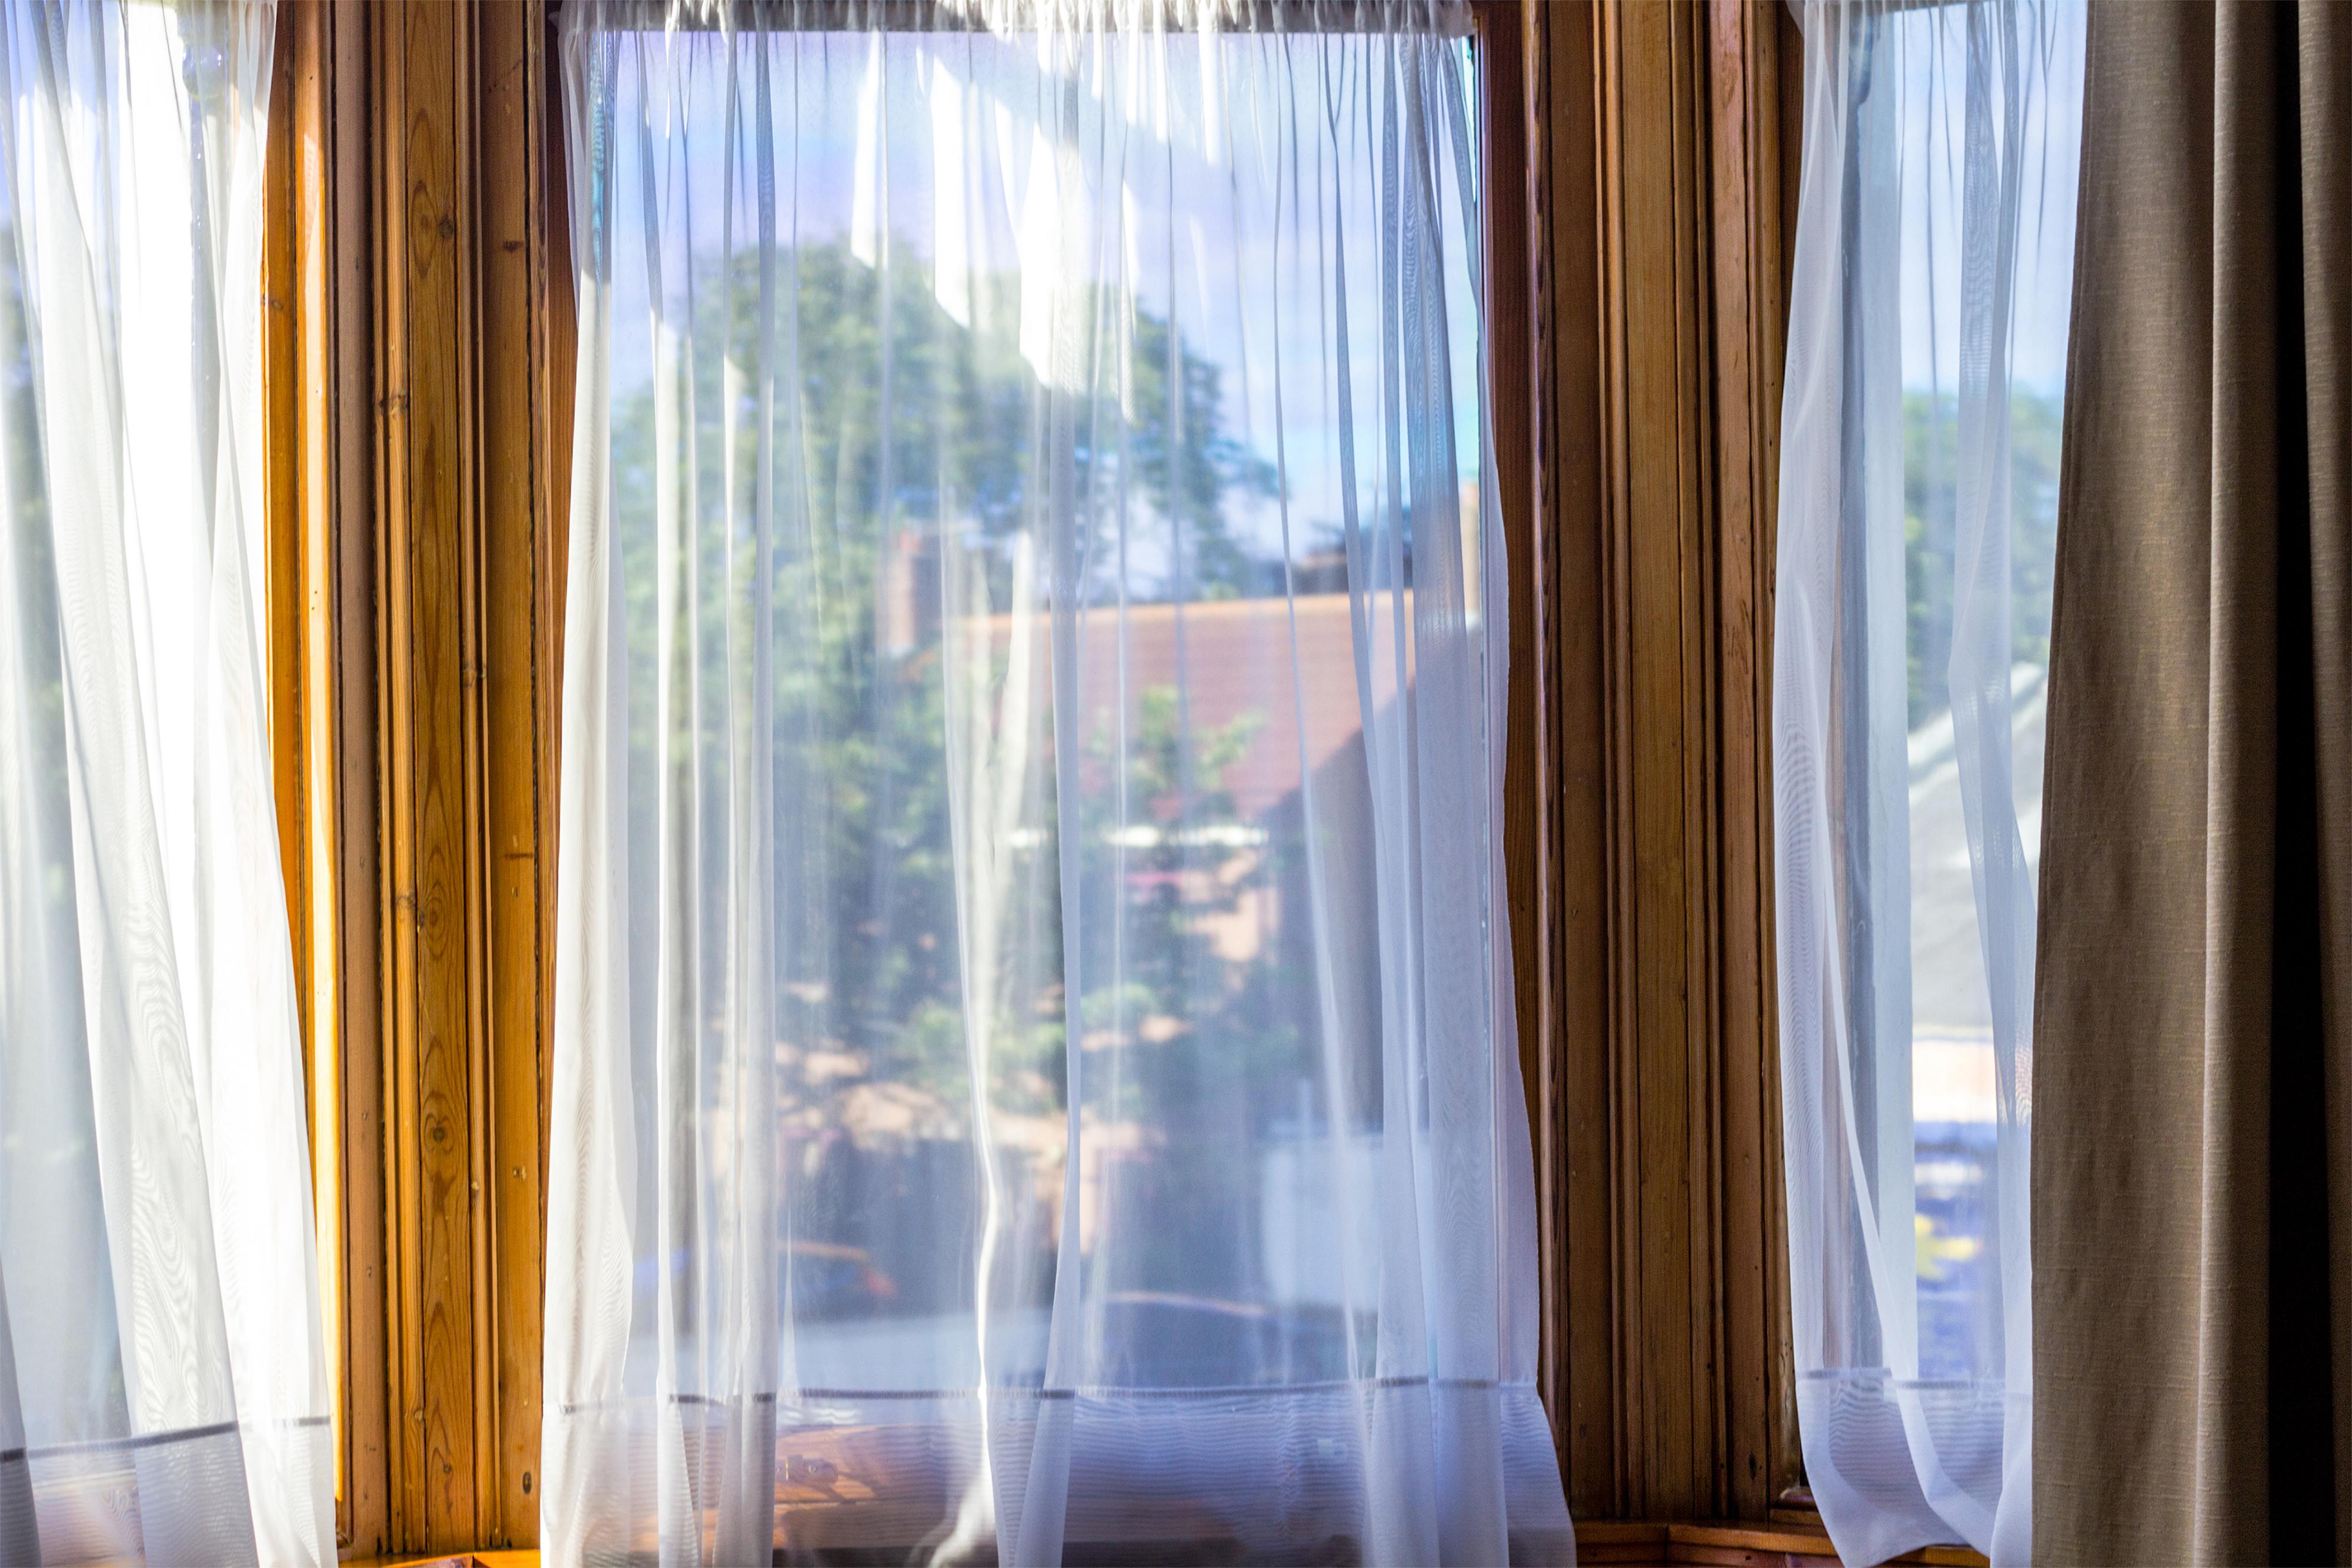 Záclony na okně.